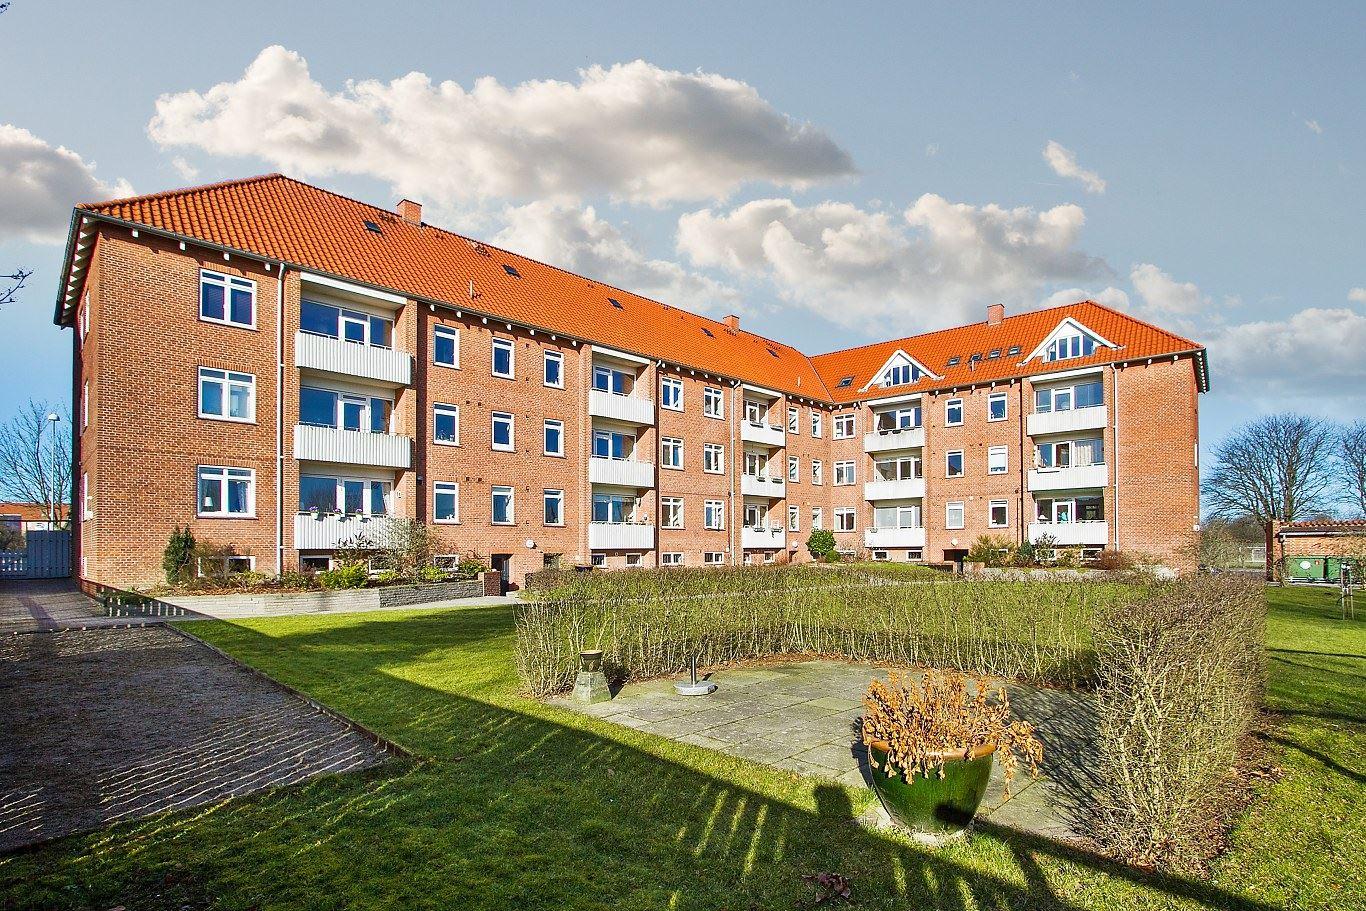 Møllehusvej 12 2 2, 4000 Roskilde